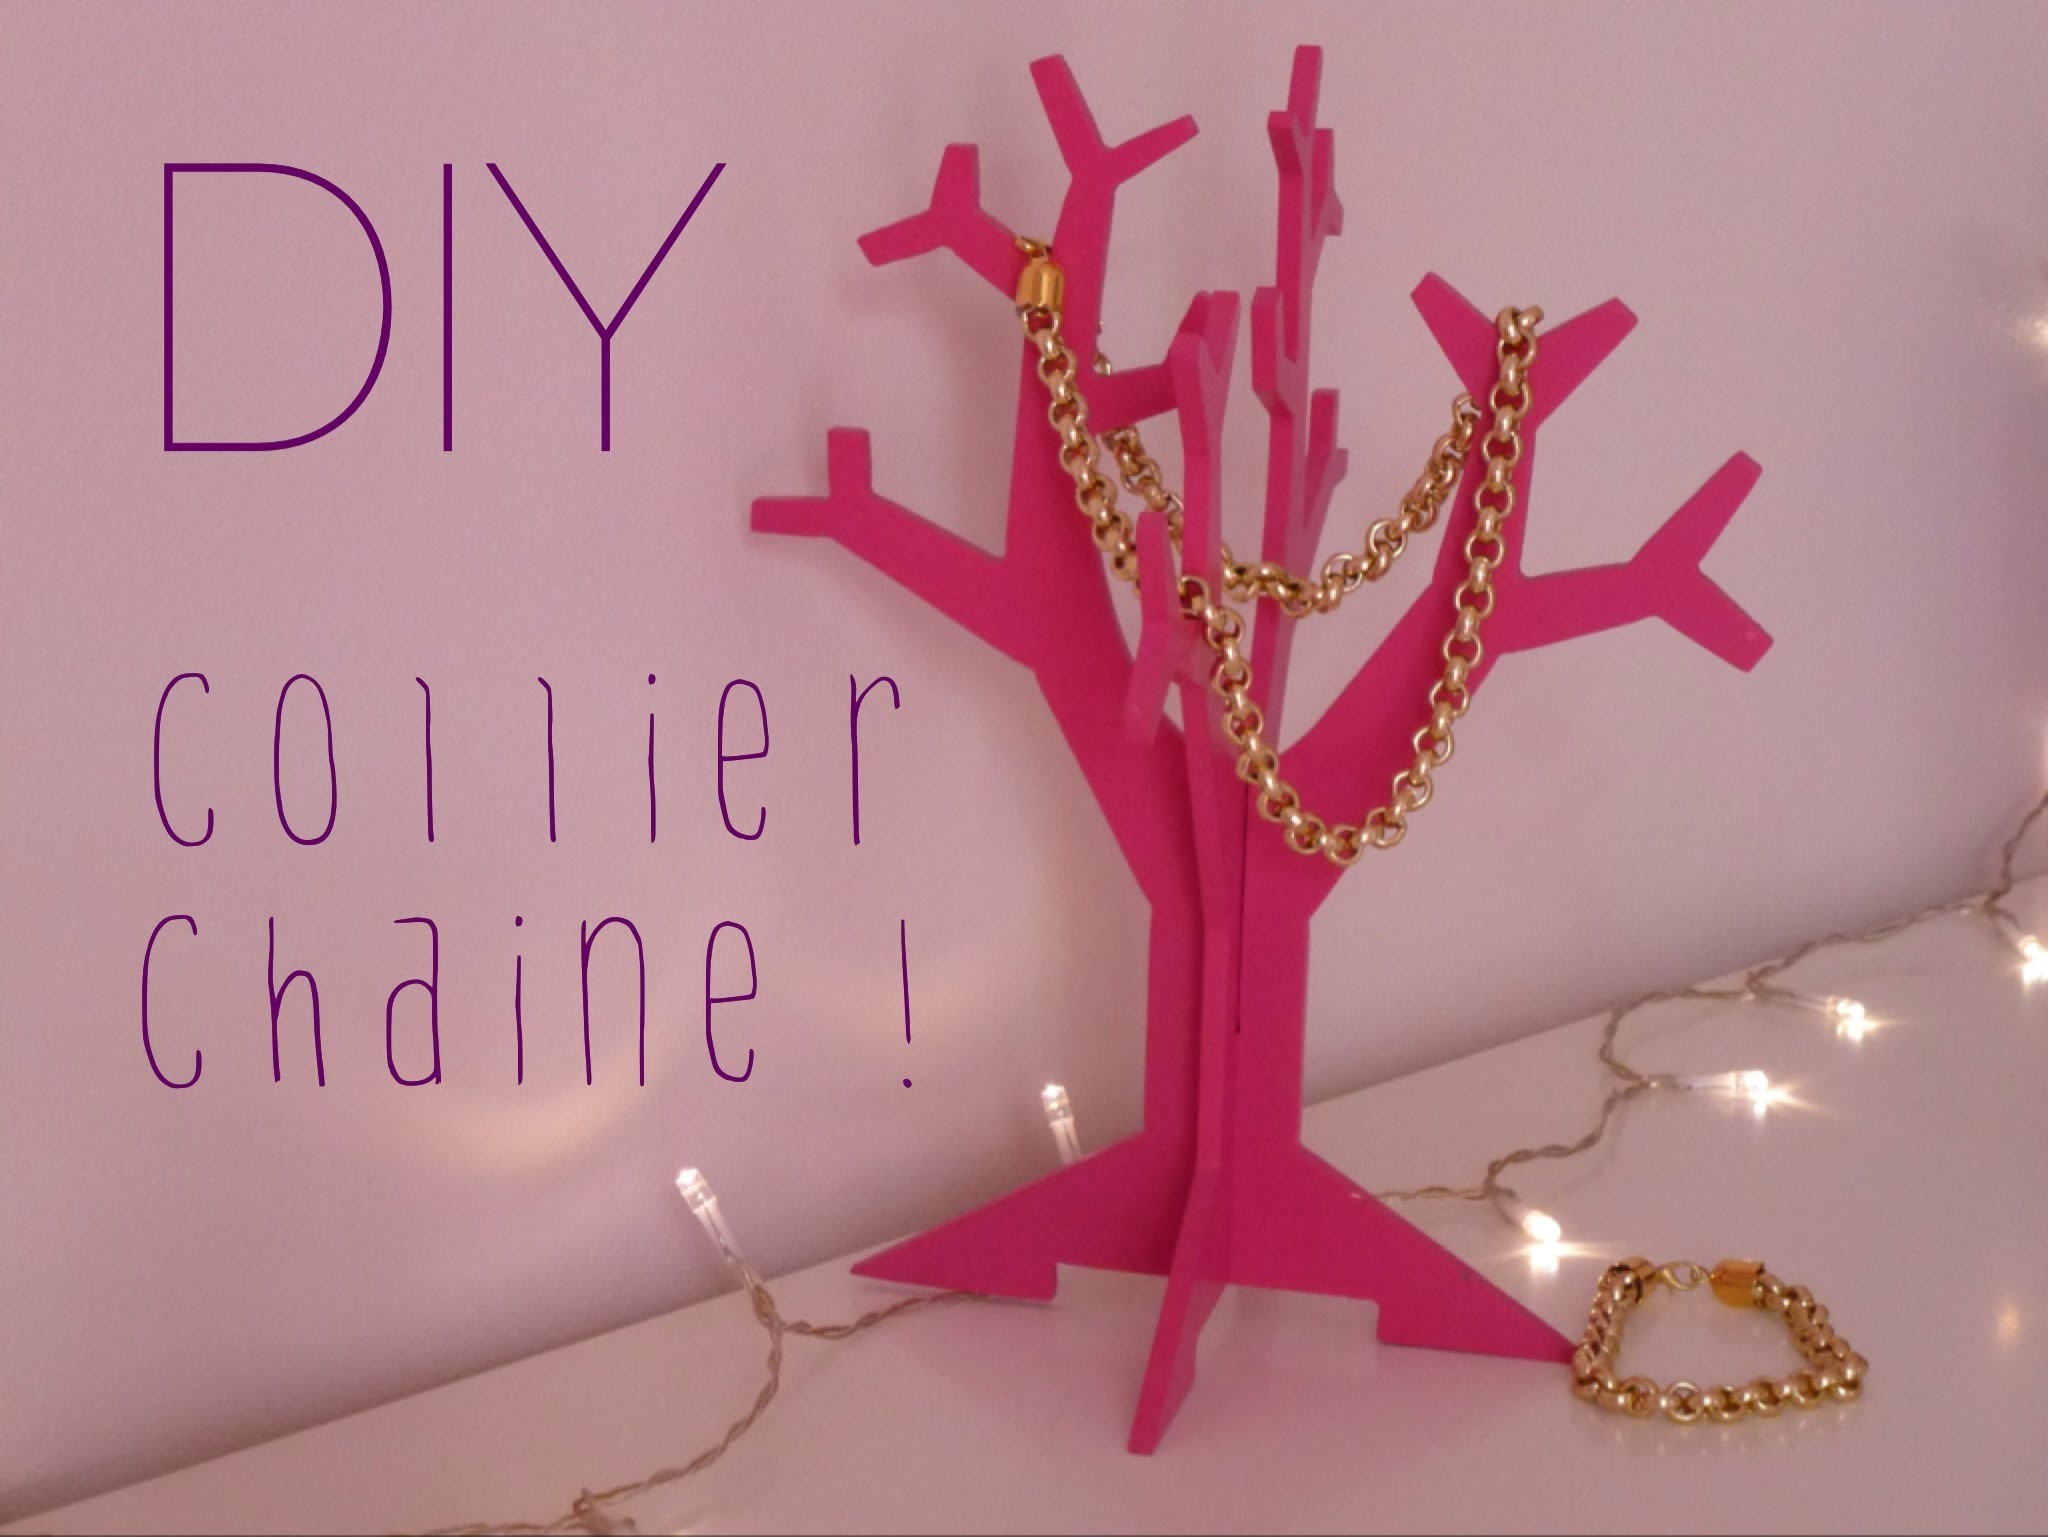 [DIY] Collier chaîne - Chain Necklace